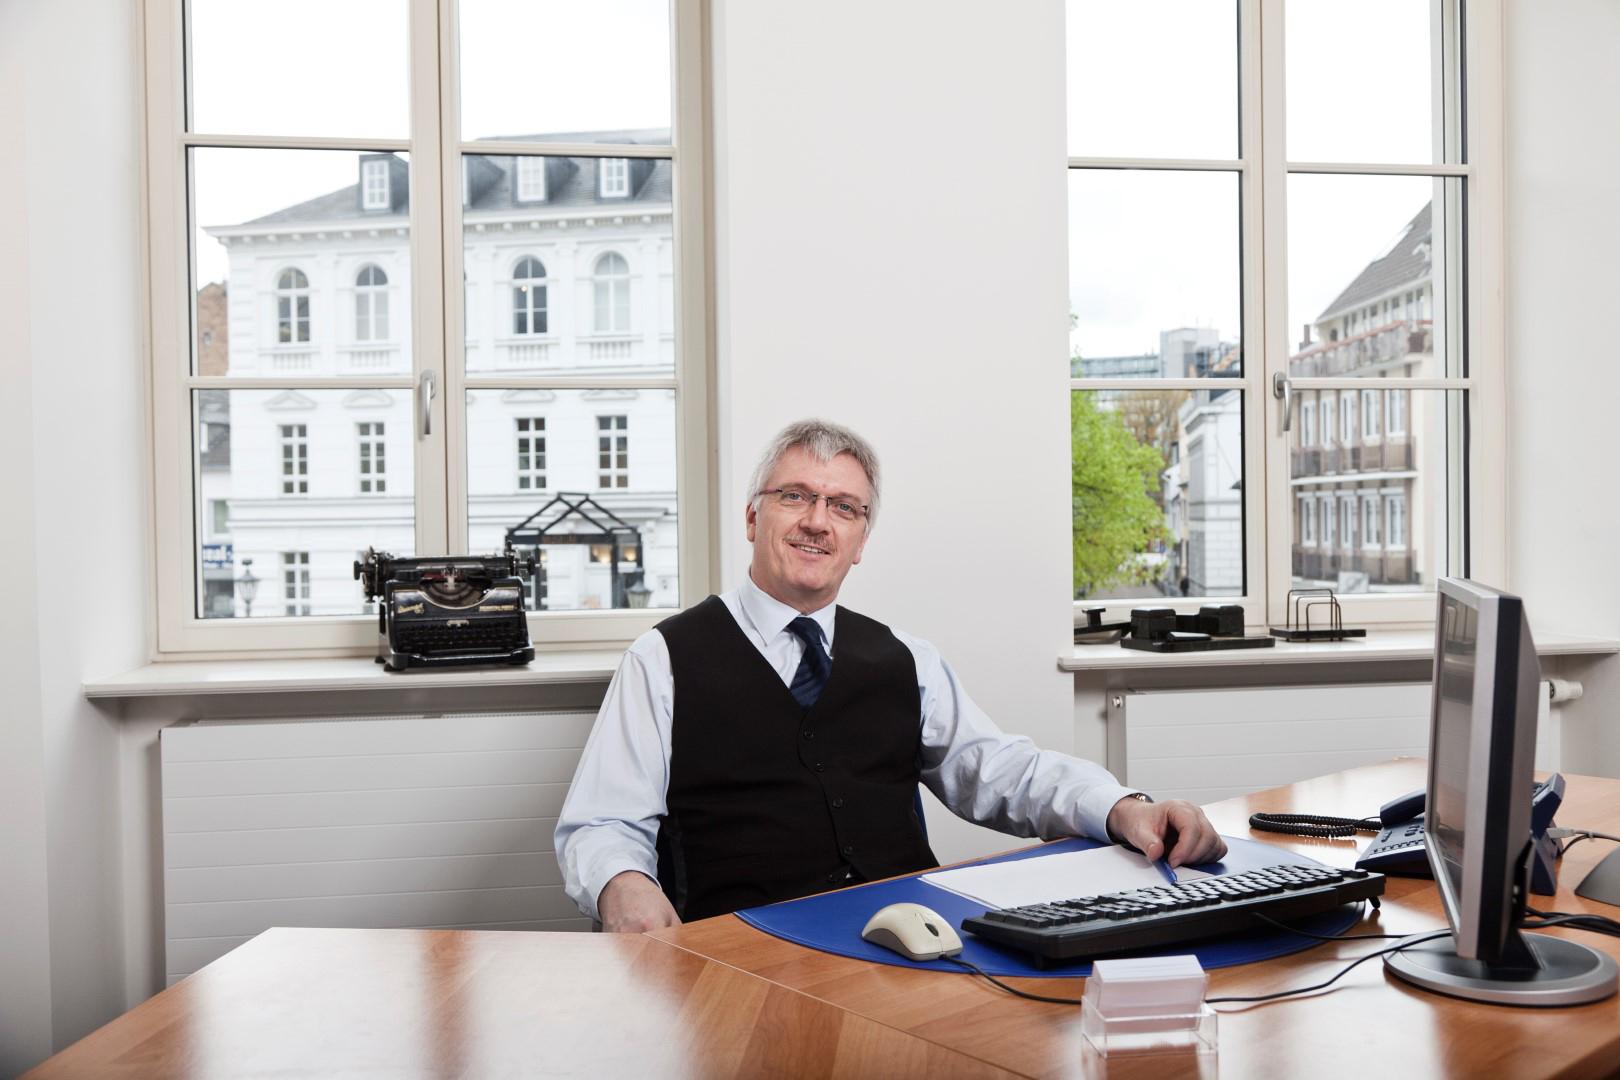 Das Bild zeigt Herrn Bergmann in seinem Büro